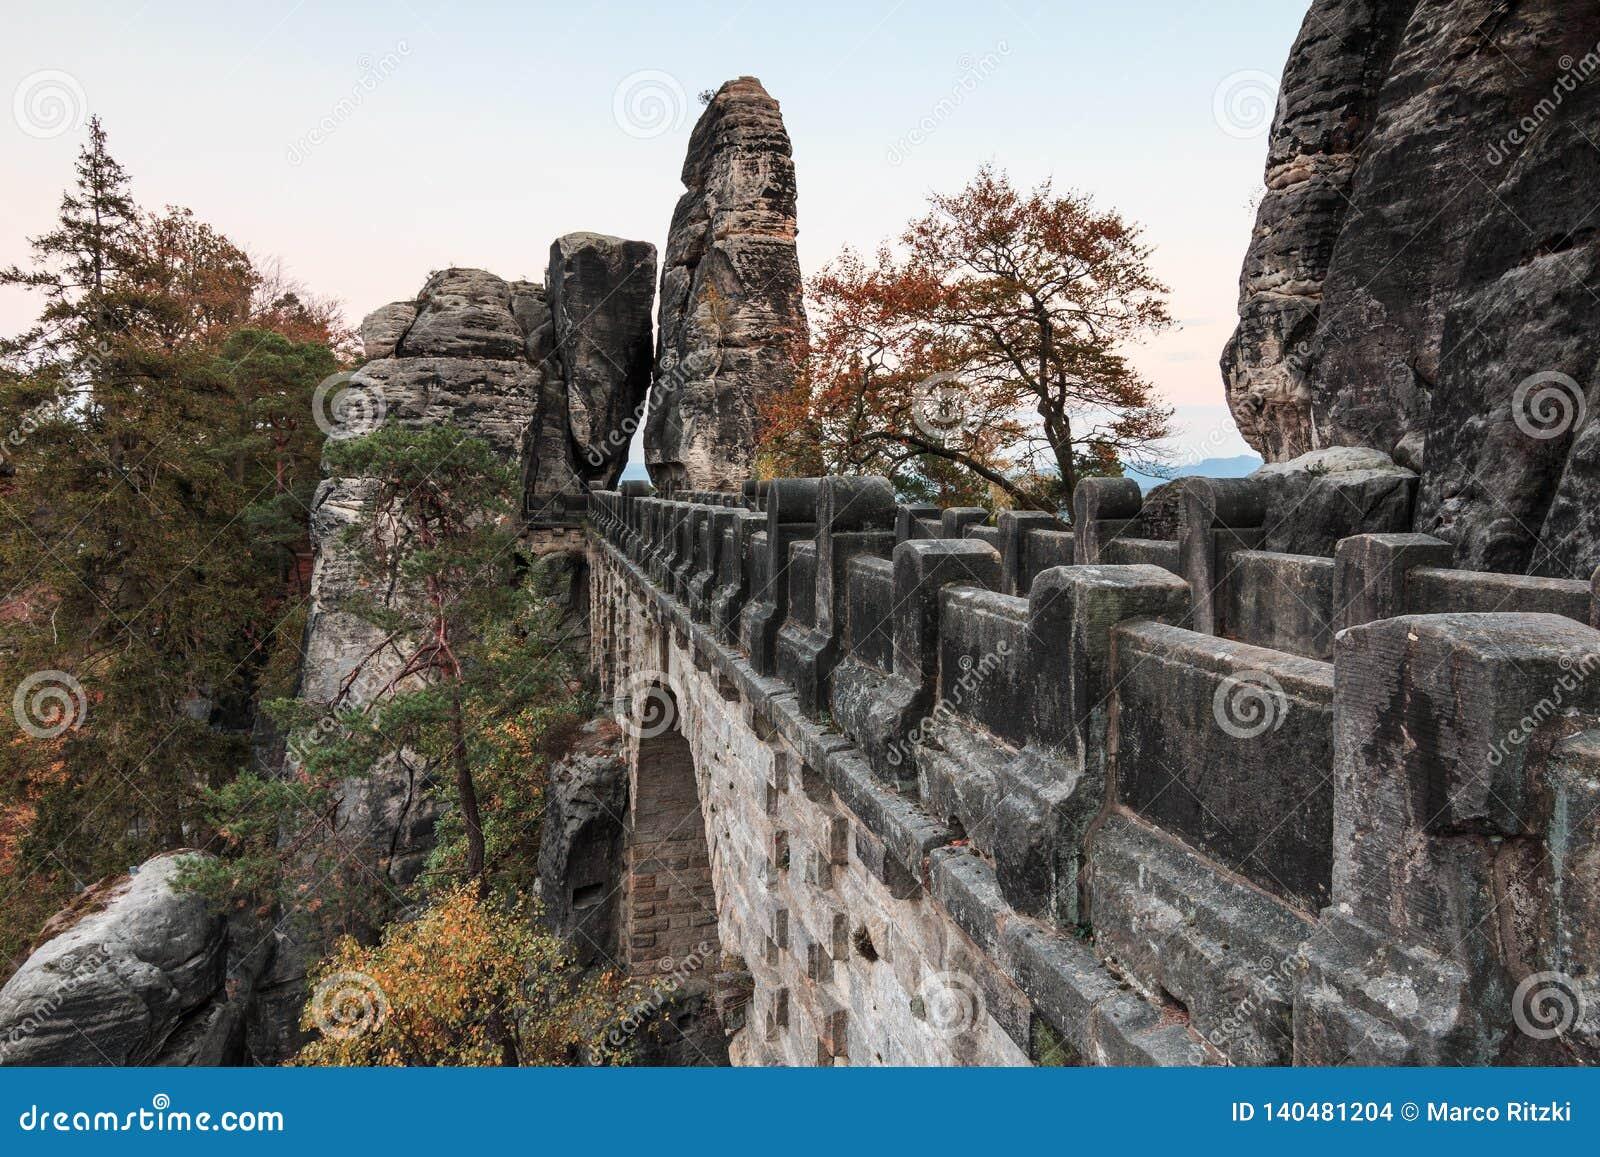 Мост бастиона взгляда со стороны обозревая ворота утеса и деревья и горную породу